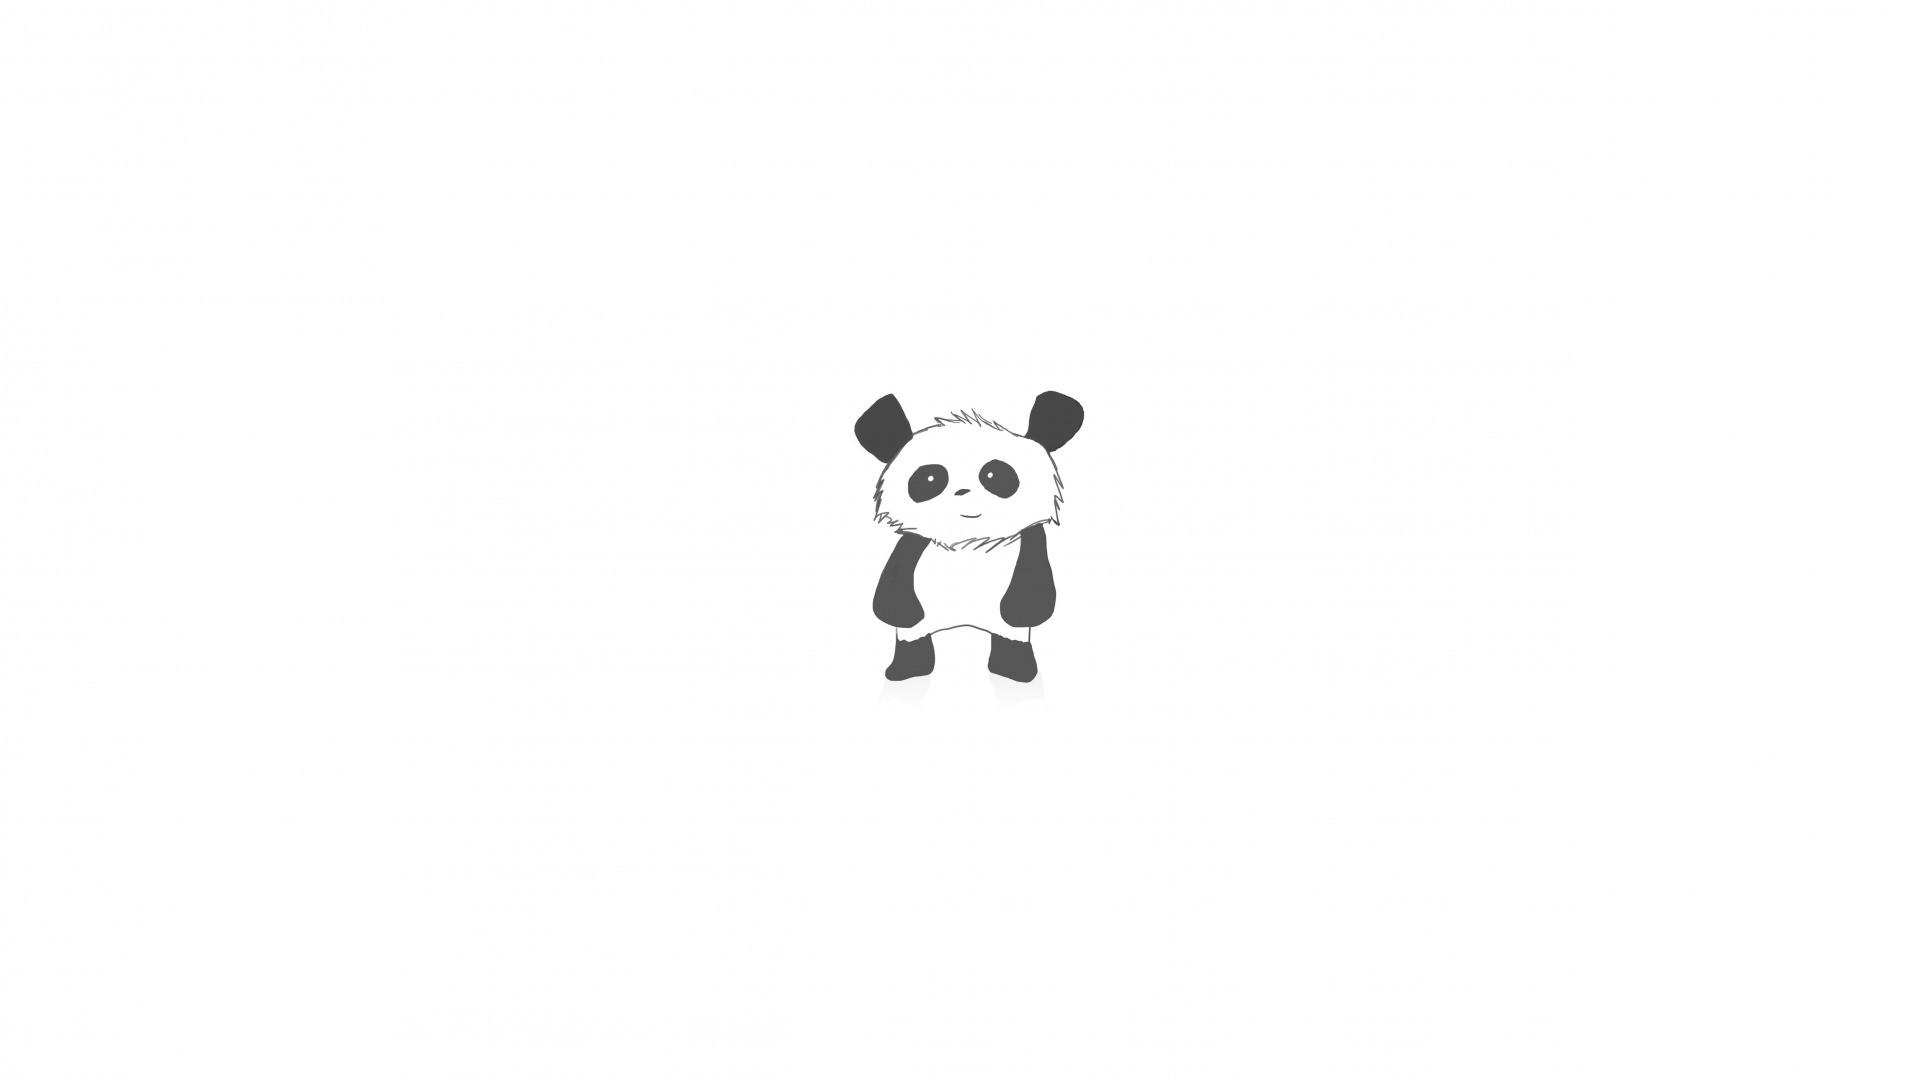 Panda Minimalist Pic